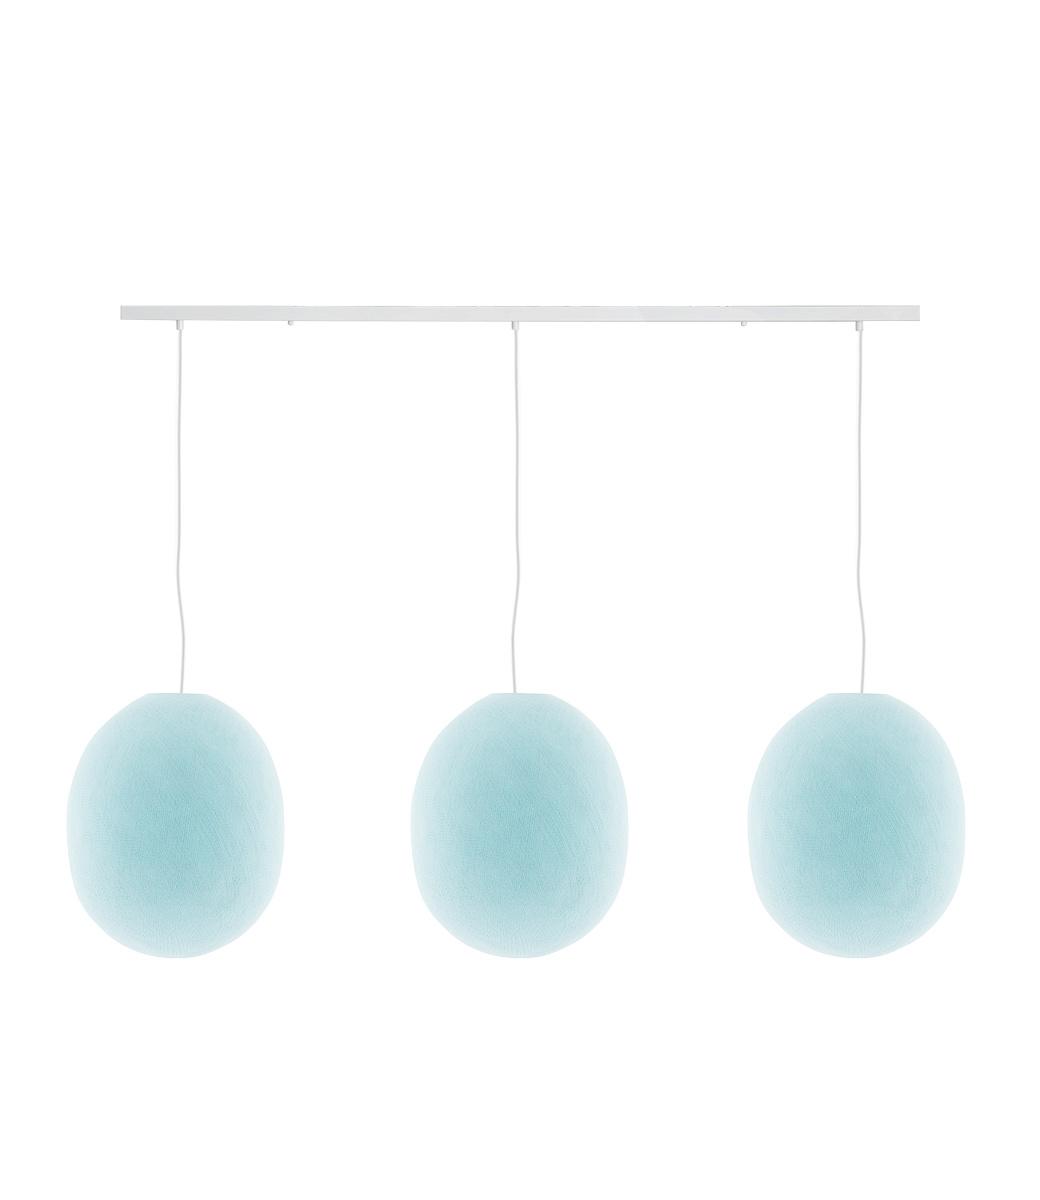 Cotton Ball Lights Drievoudige hanglamp balk - Oval Light Aqua